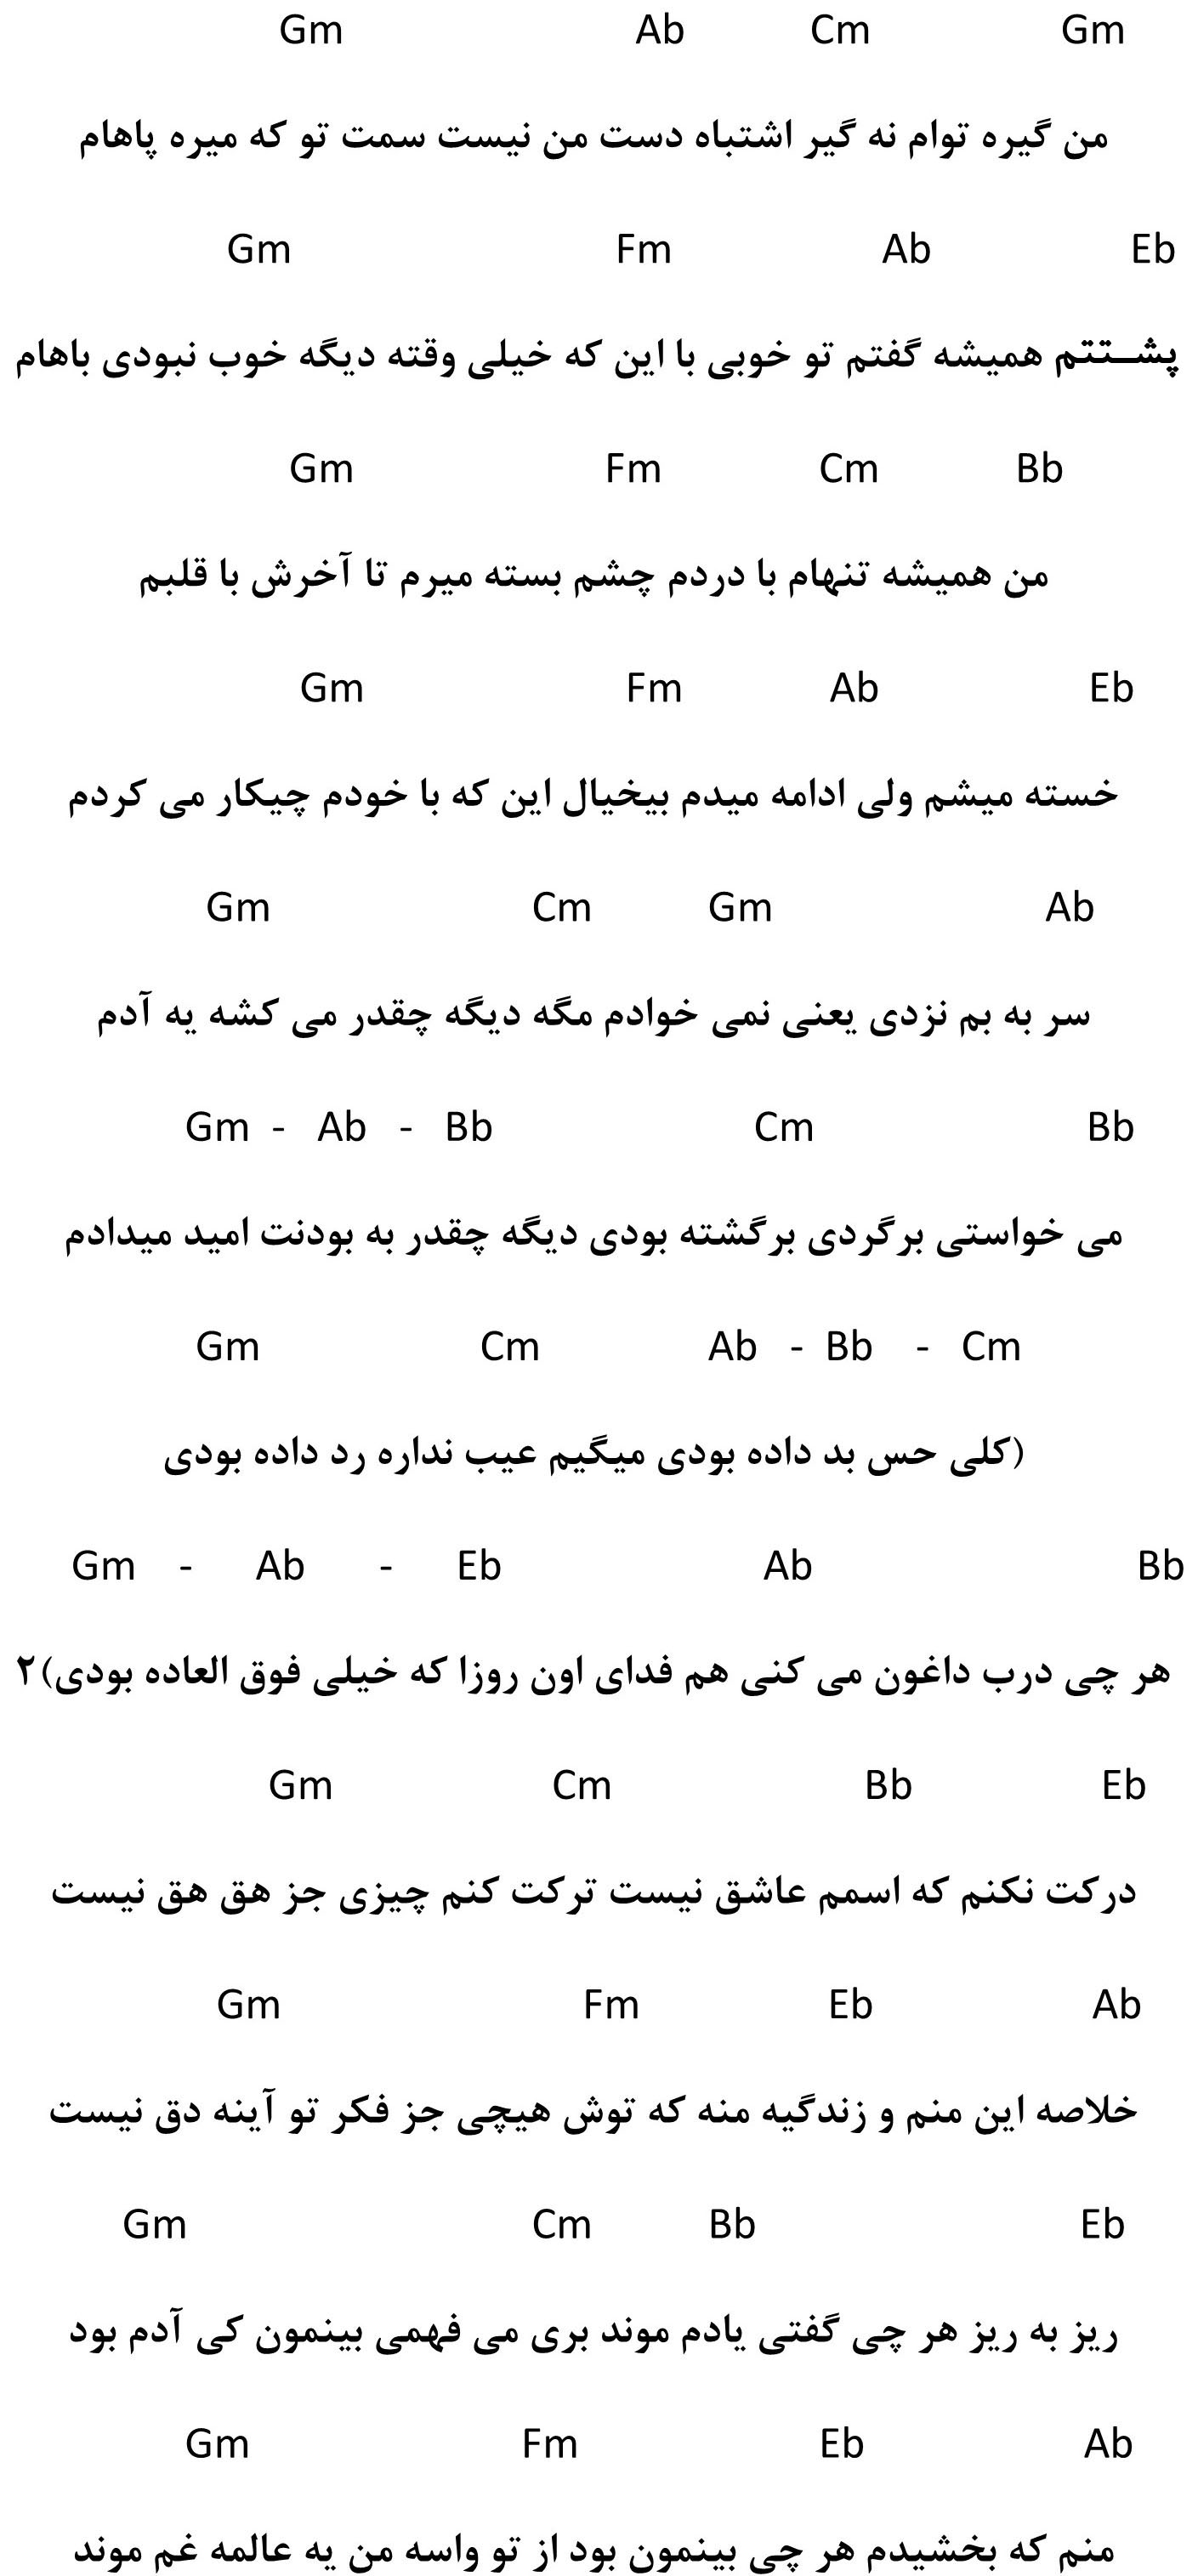 آکورد آهنگ رد داده بودی از علیرضا طلیسچی